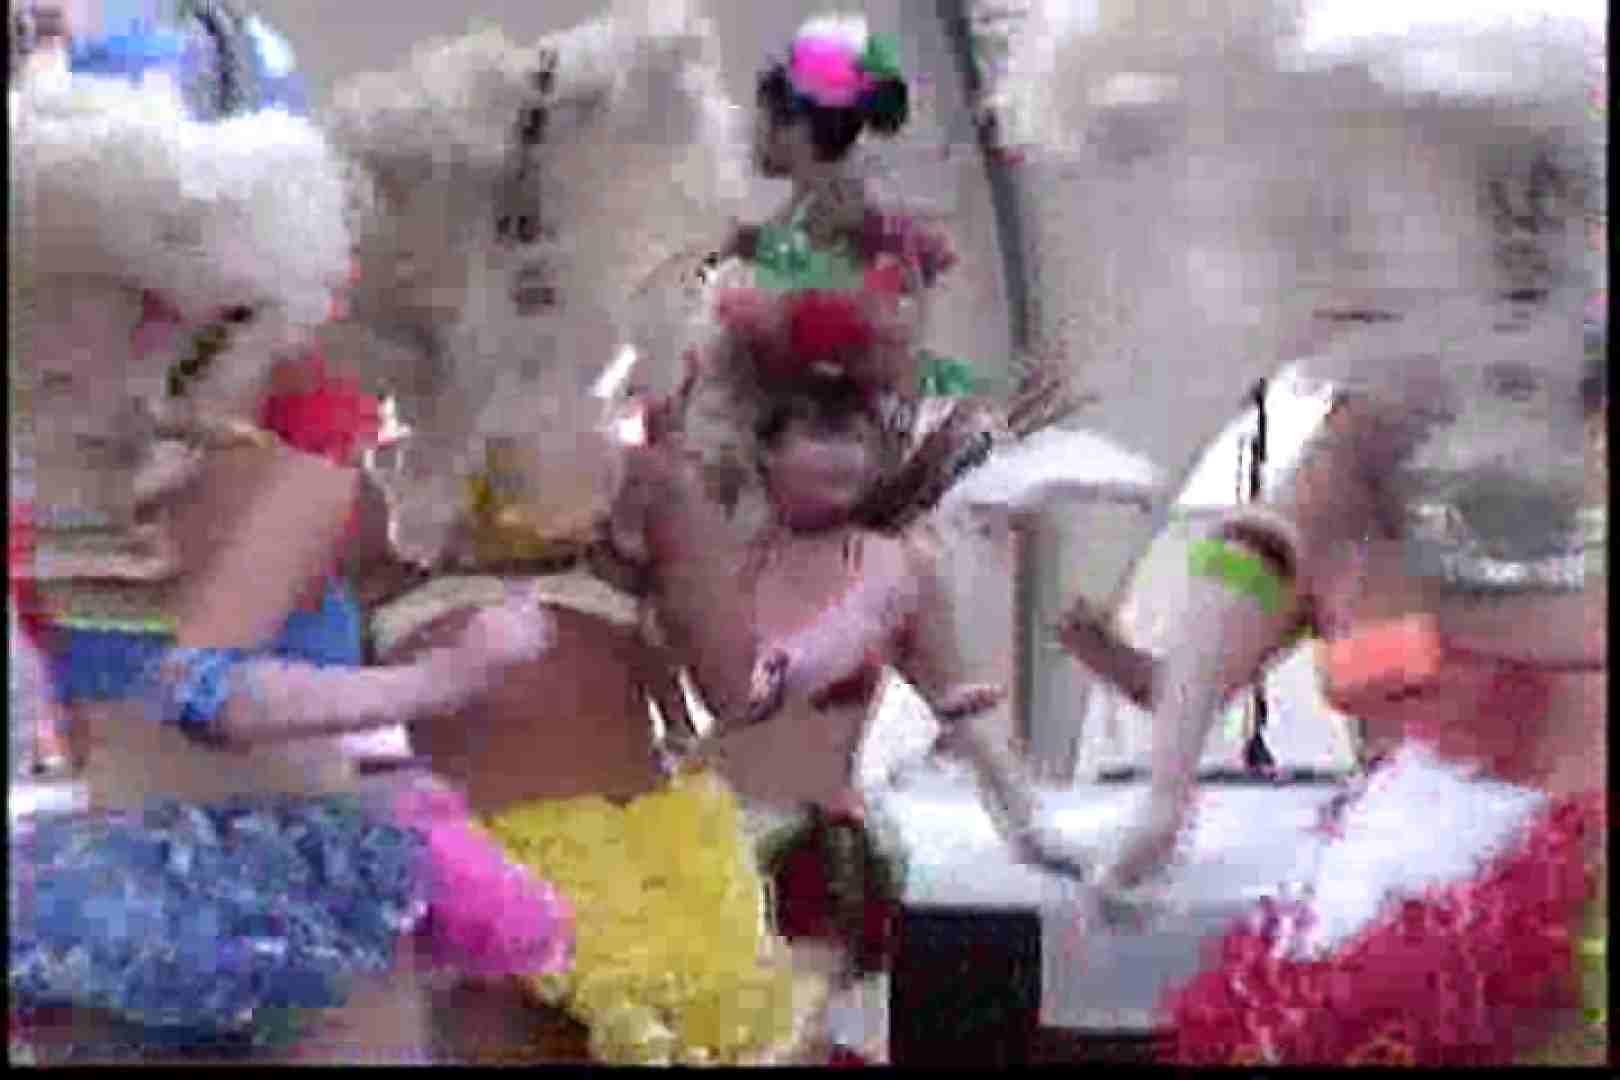 狂乱のサンバカーニバルVol.4 ギャルエロ画像 AV無料動画キャプチャ 113PICs 44